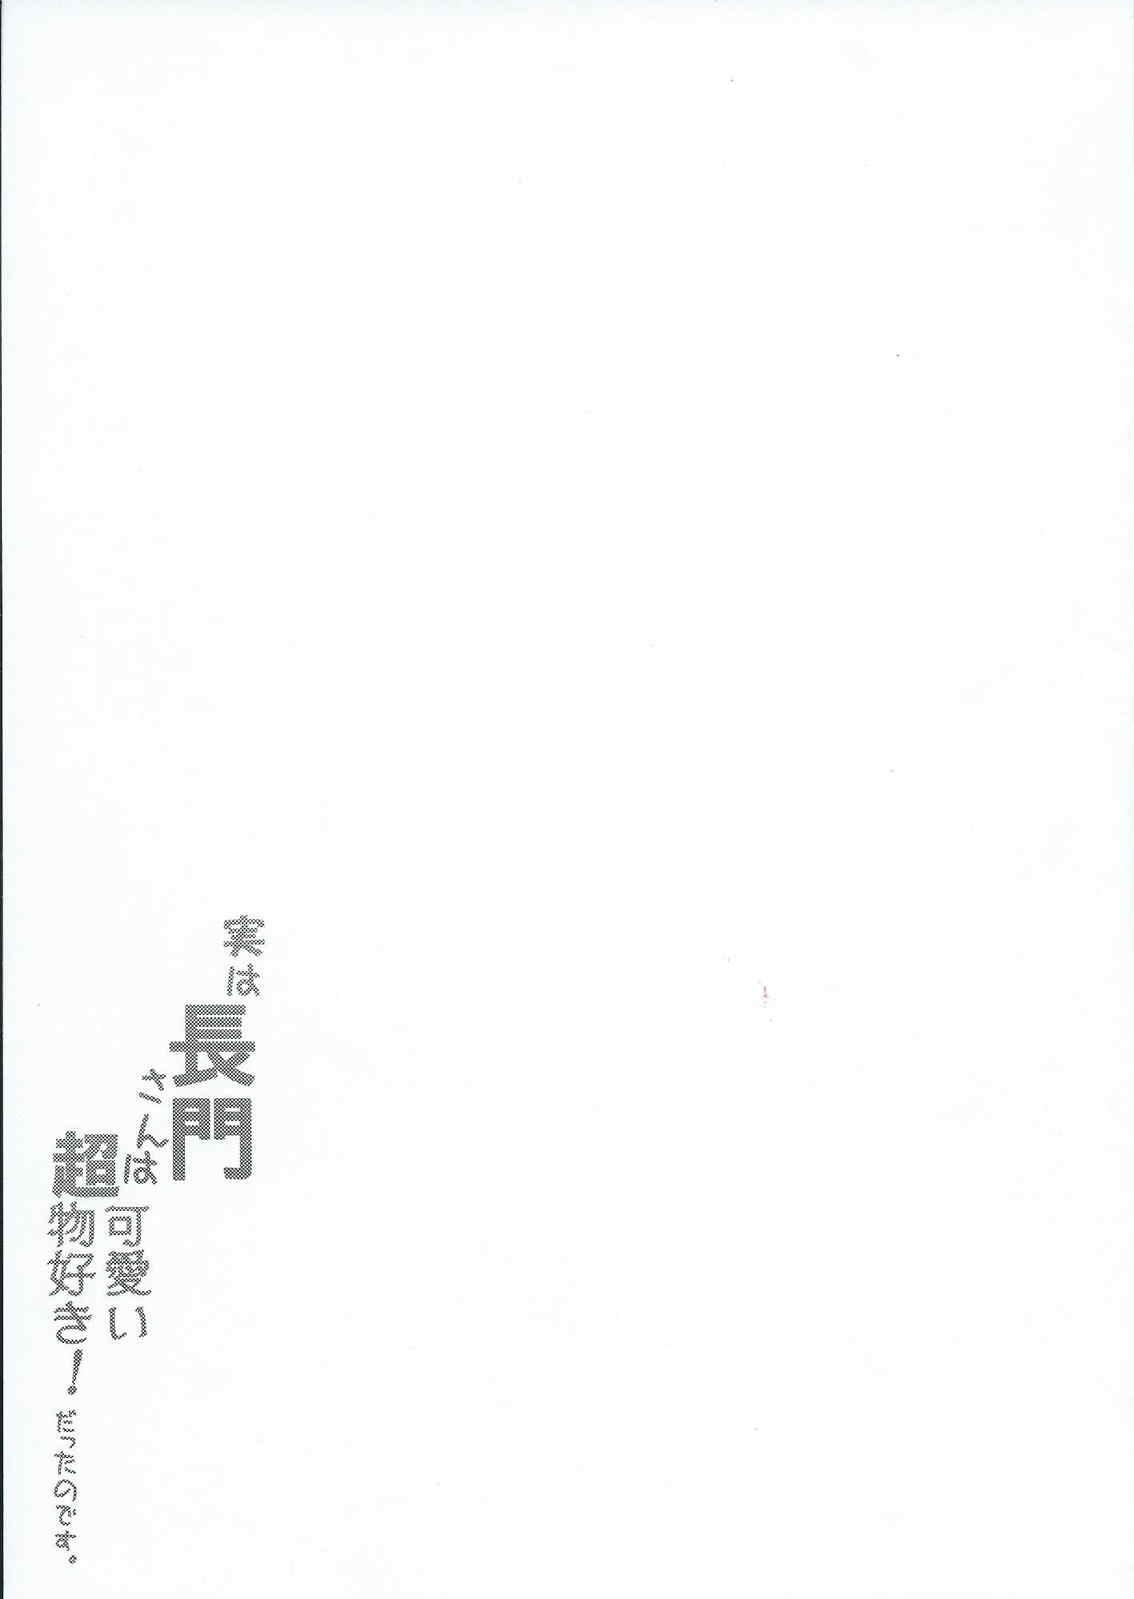 Jitsu wa Nagato-san wa Chou Kawaii Mono Suki! Datta no desu. 20